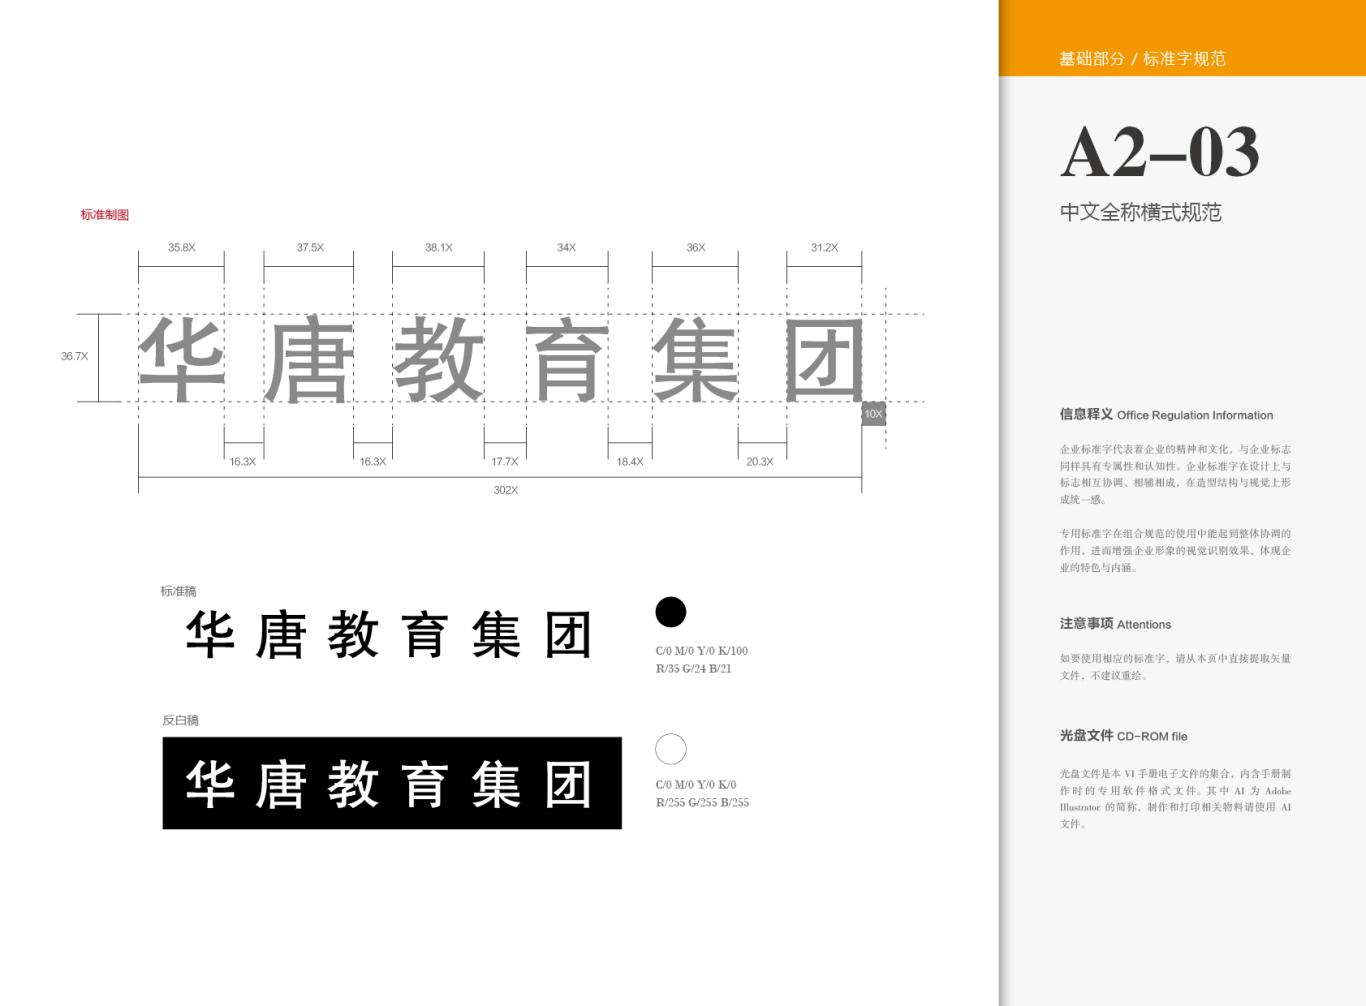 华唐教育集团 VI图10